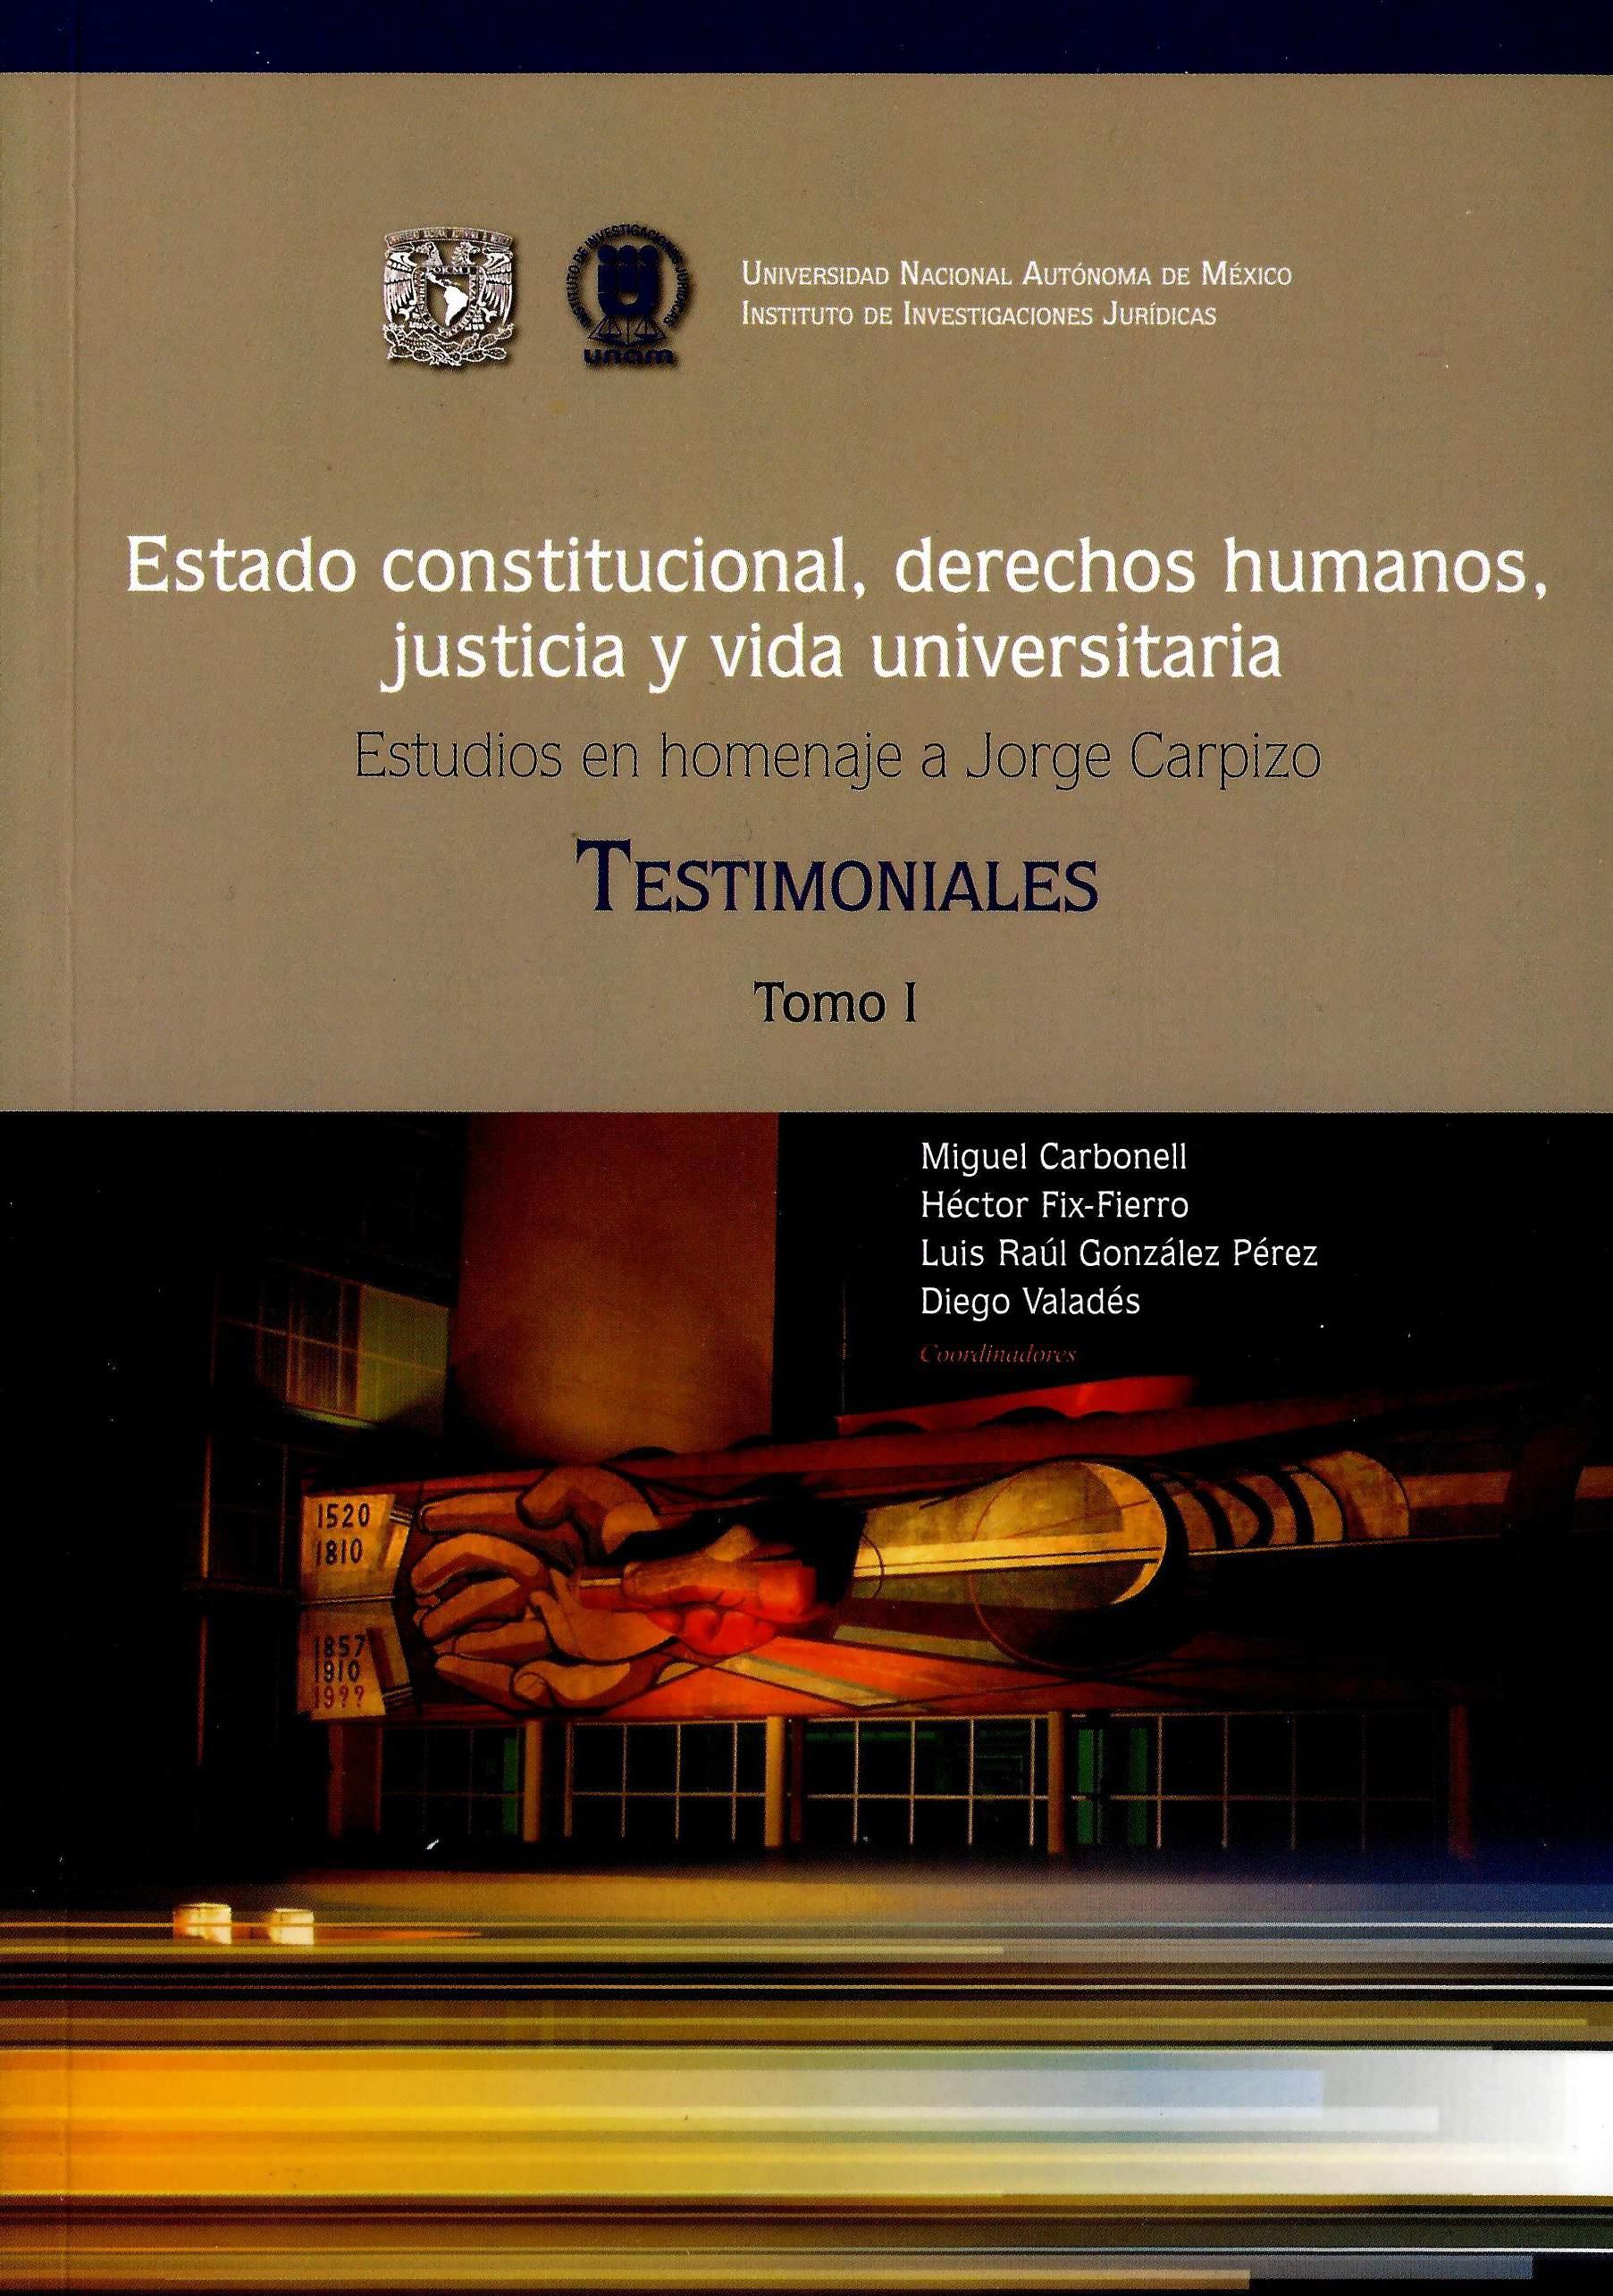 Estado constitucional, derechos humanos, justicia y vida universitaria. Tomo I Homenaje a Jorge Carpizo. Testimoniales